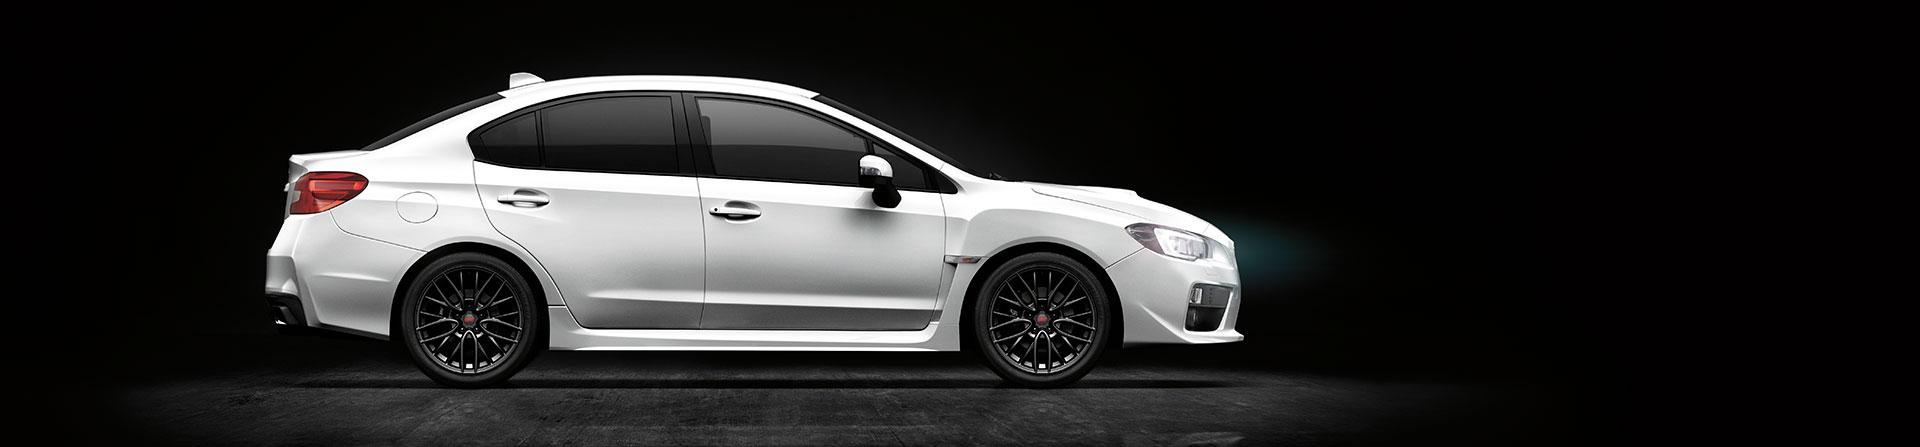 Subaru WRX STI Image 4